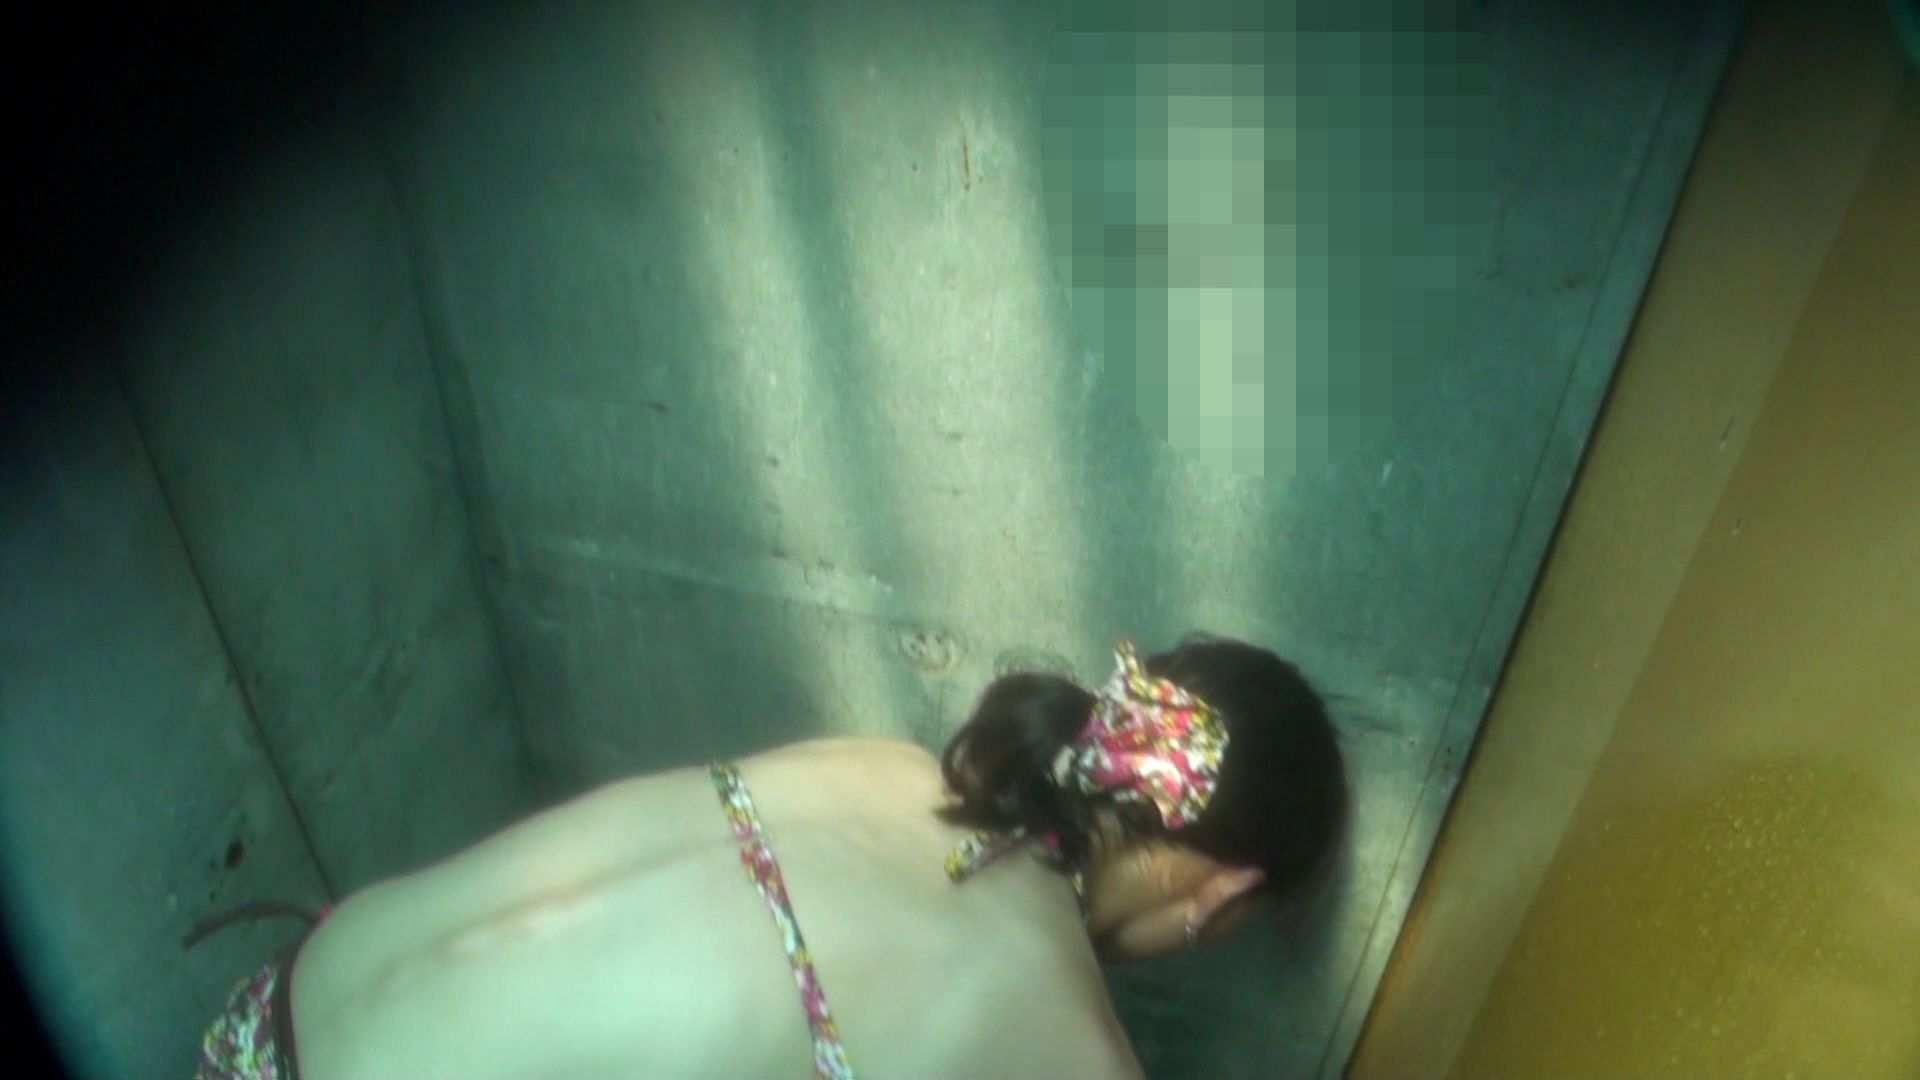 シャワールームは超!!危険な香りVol.16 意外に乳首は年増のそれ 乳首 おめこ無修正画像 97pic 94